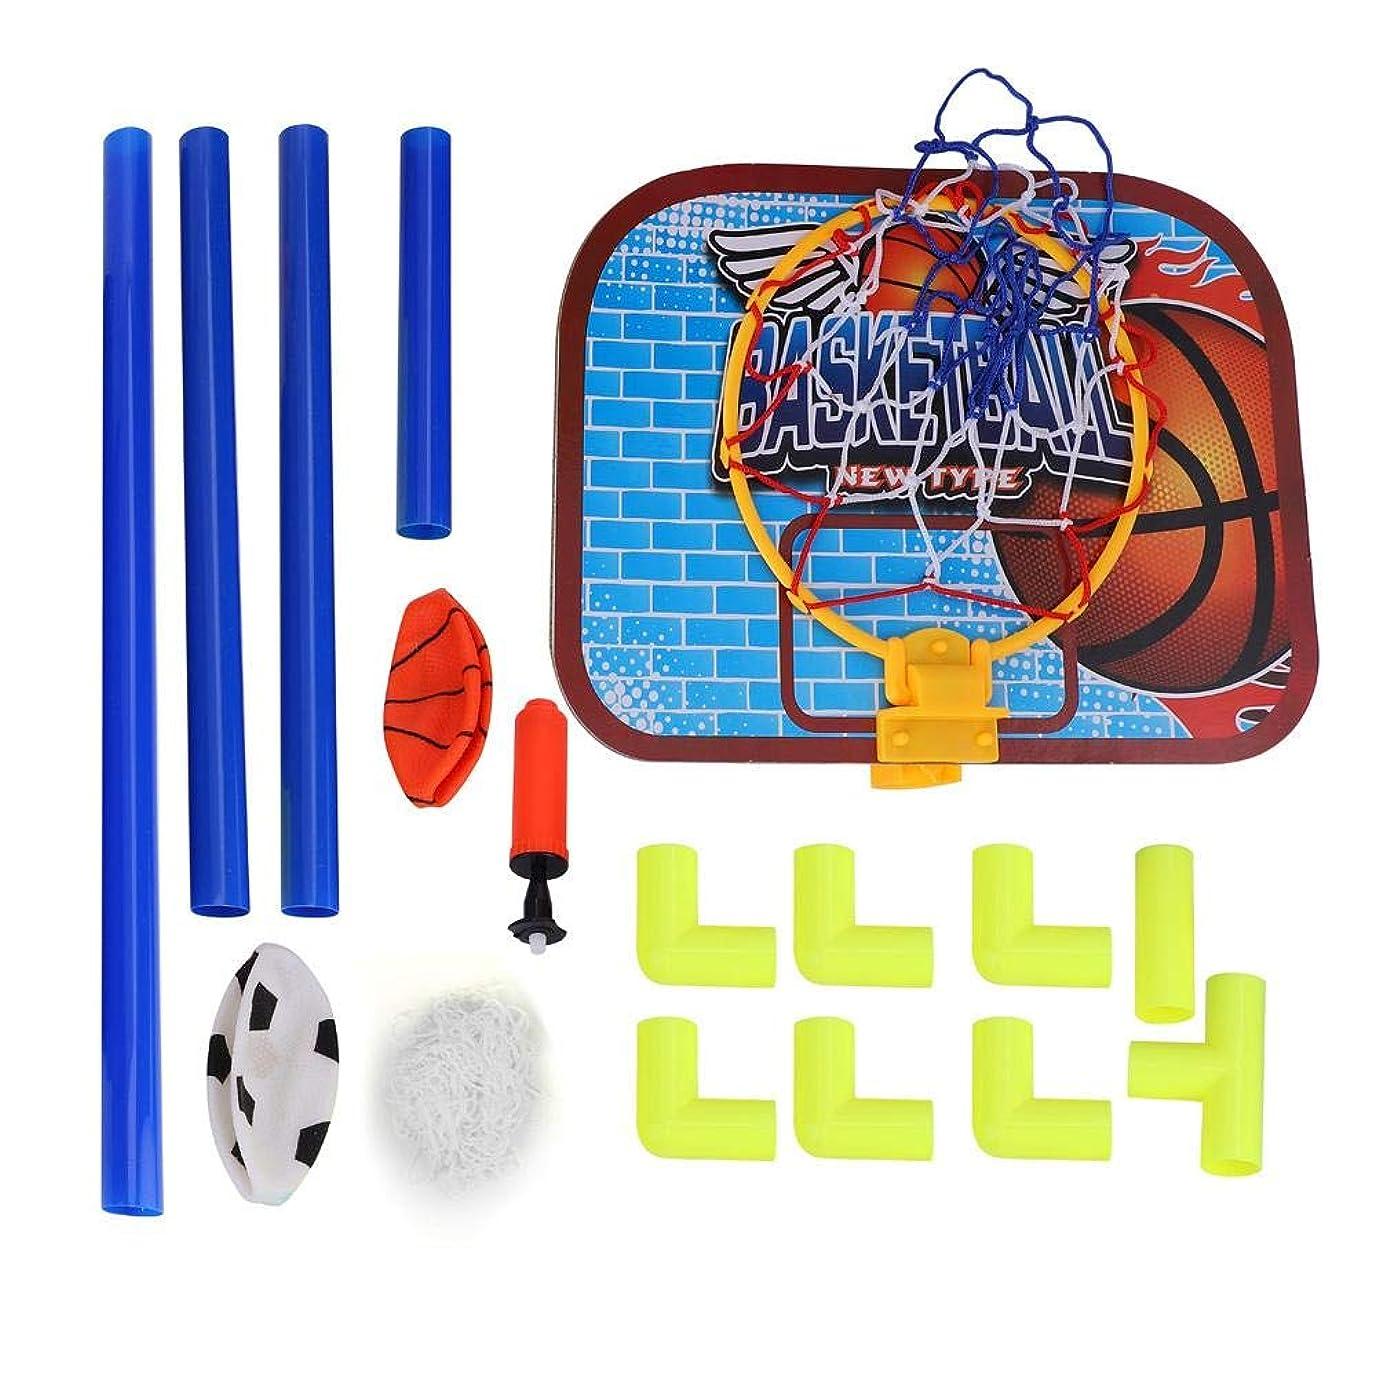 教師の日市町村すみません【2 in 1】サッカー&バスケットゴールセット 折り畳み 組み立て 移動式 簡易ゴール 子供向け 屋内屋外兼用 ポンプ付き キッズ玩具セット